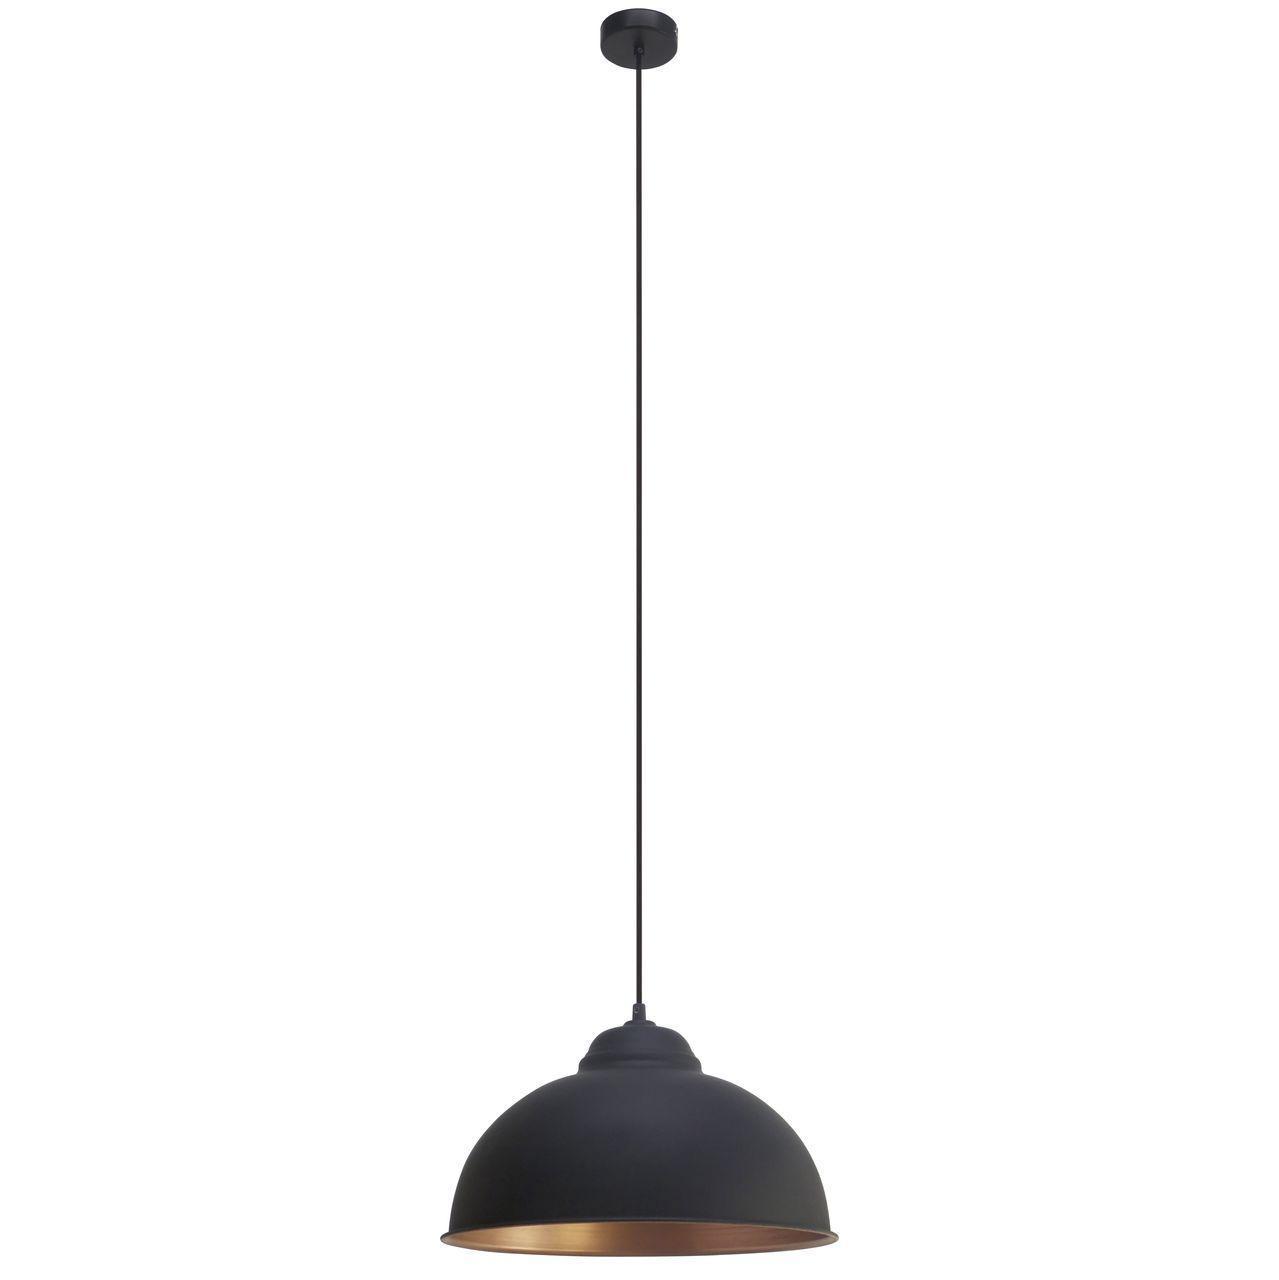 Подвесной светильник Eglo Vintage 49247 подвесной светильник eglo vintage 49247